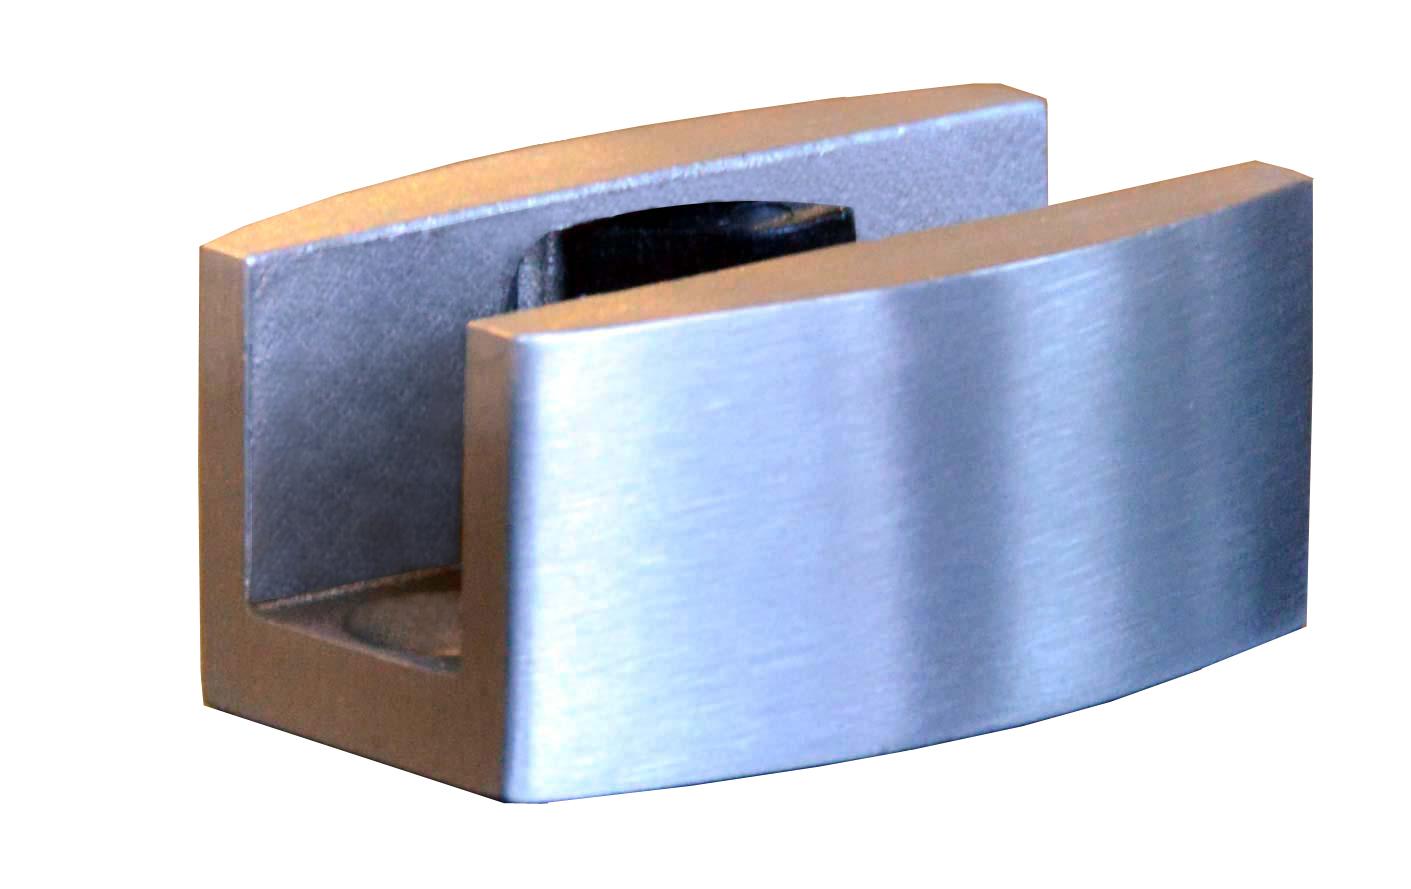 Schiebet/ürsystem ESG 775x2050x8mm Dekor C Klarglas; Schienensystem ALU SlimLine SoftClose; Griffmuschel BC-775-KNAUF-ASE